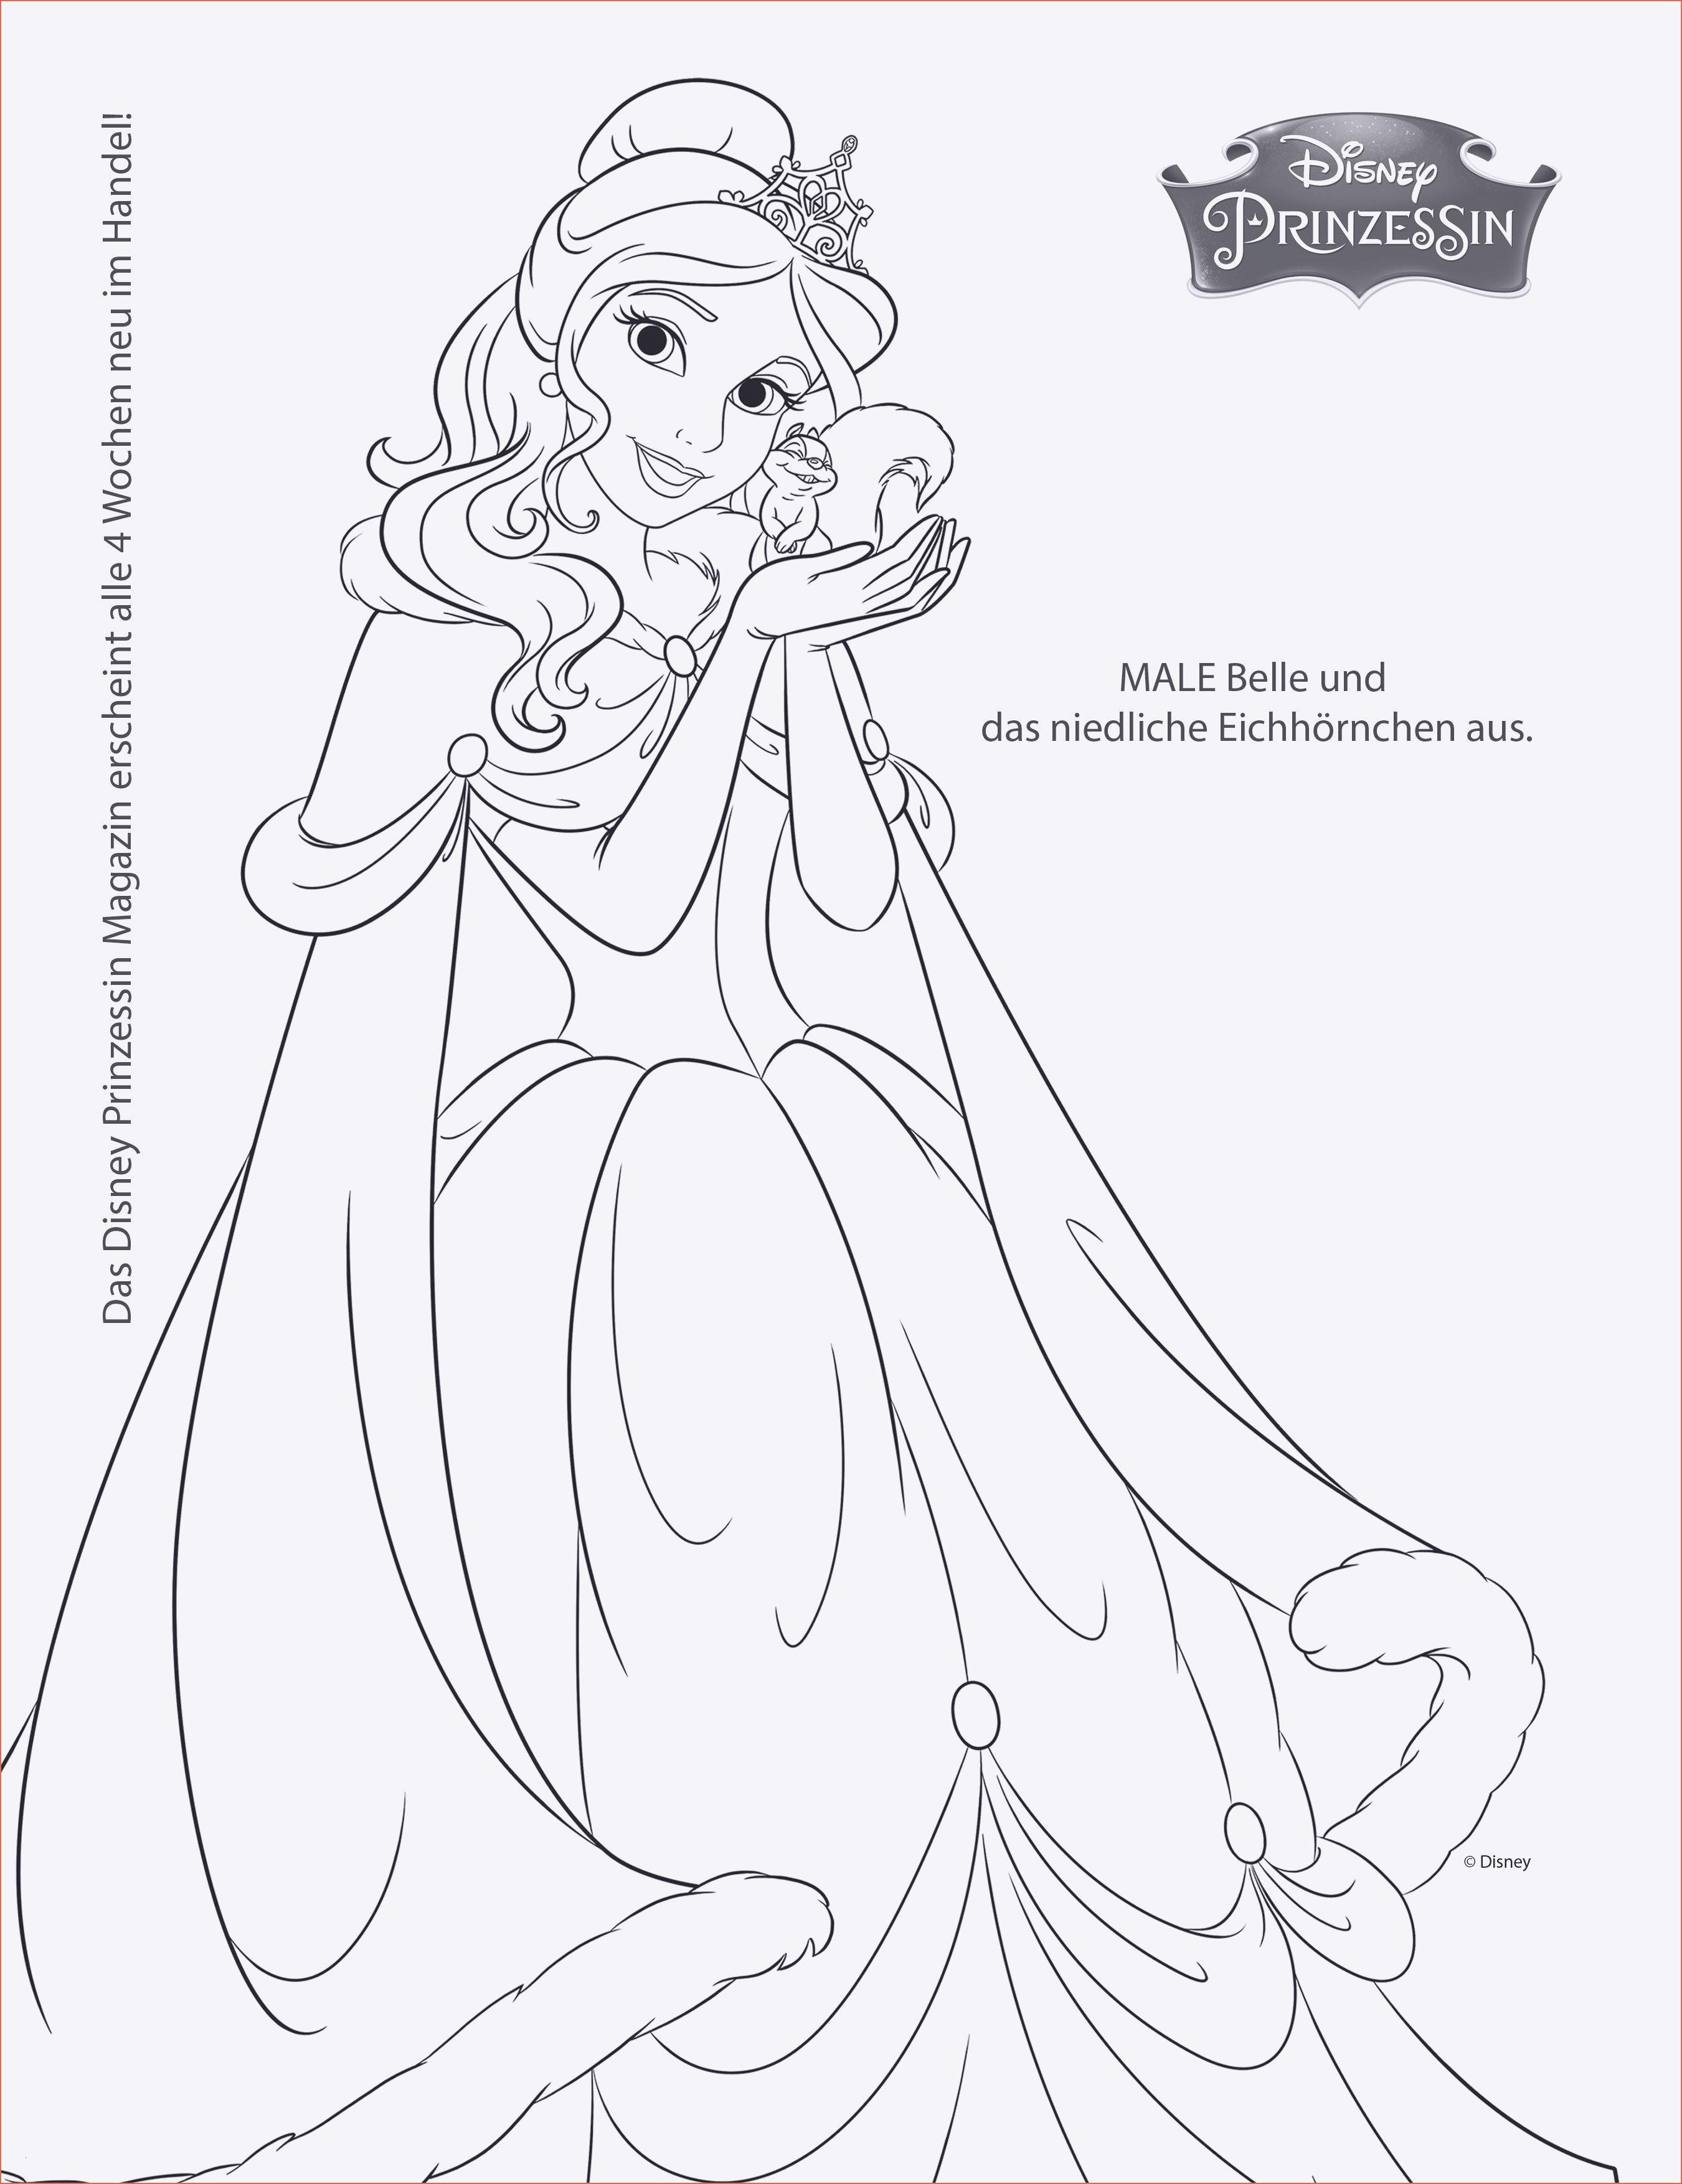 Ausmalbilder Emojis Unicorn Inspirierend Malvorlagen Gratis Prinzessin Disney Schön Kostenlose Malvorlagen Sammlung